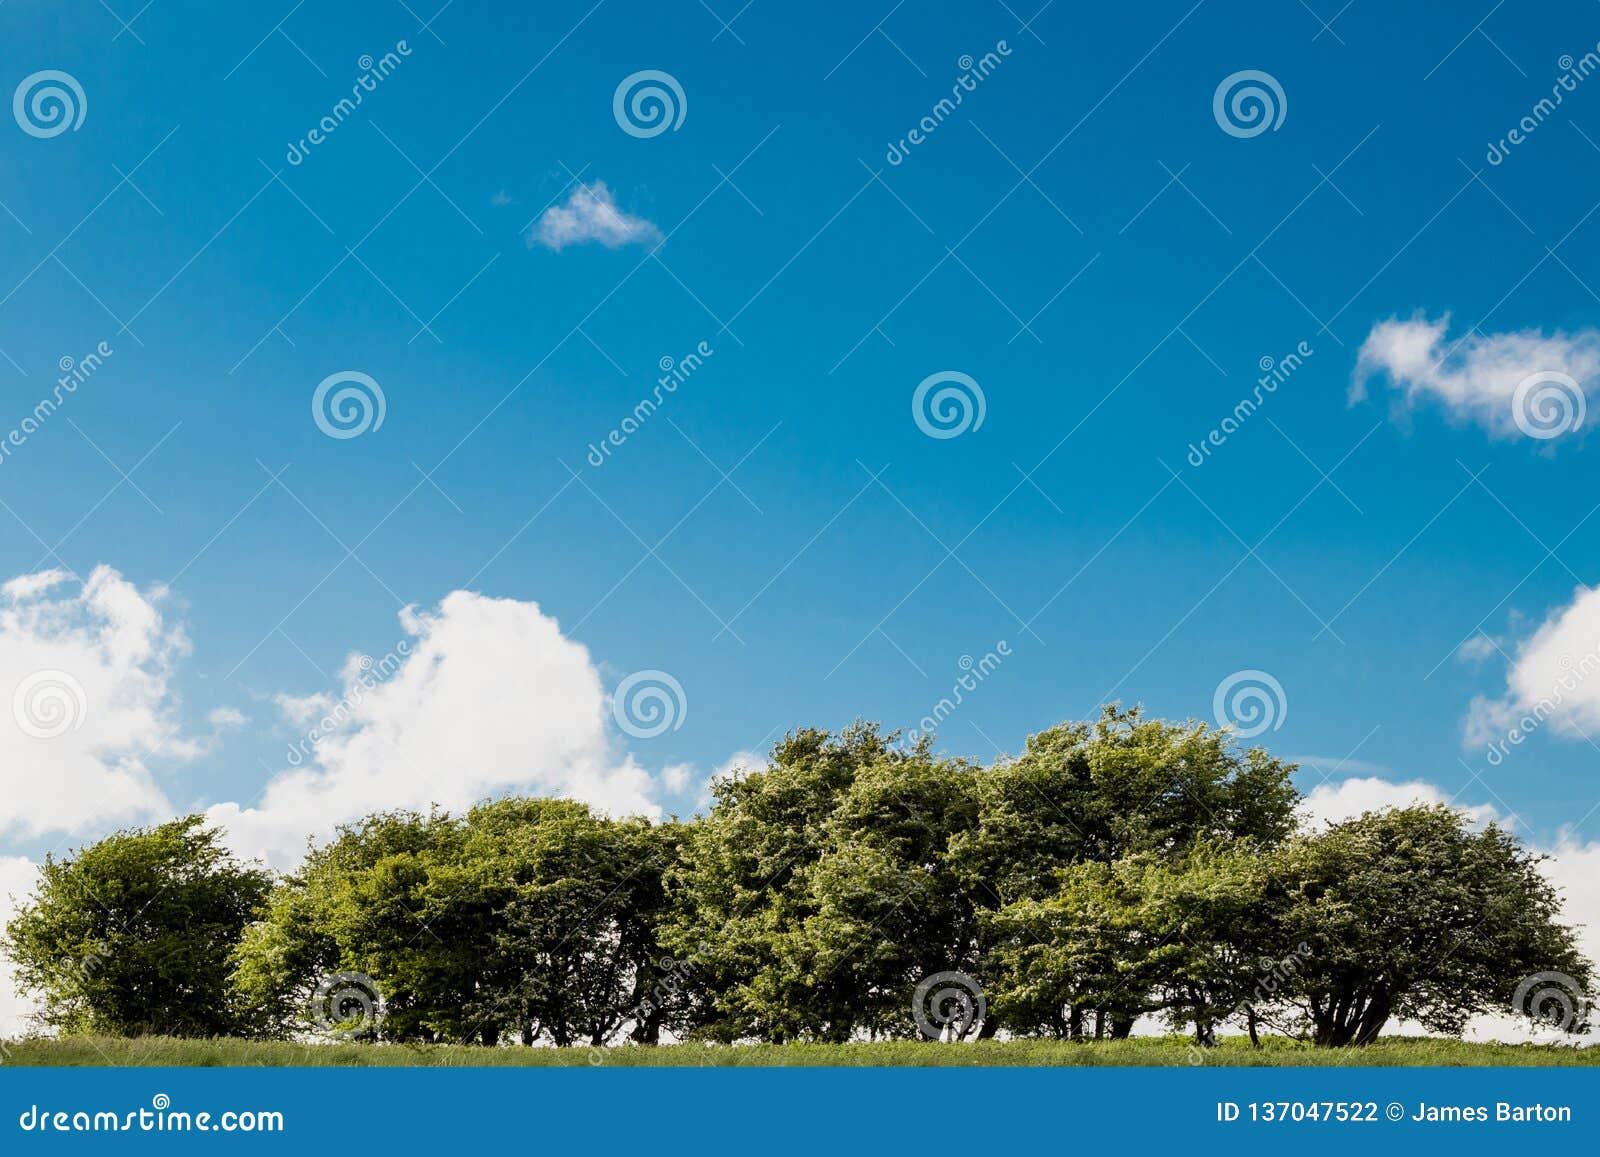 Arbres sur la colline avec le ciel bleu et les nuages un jour ensoleillé